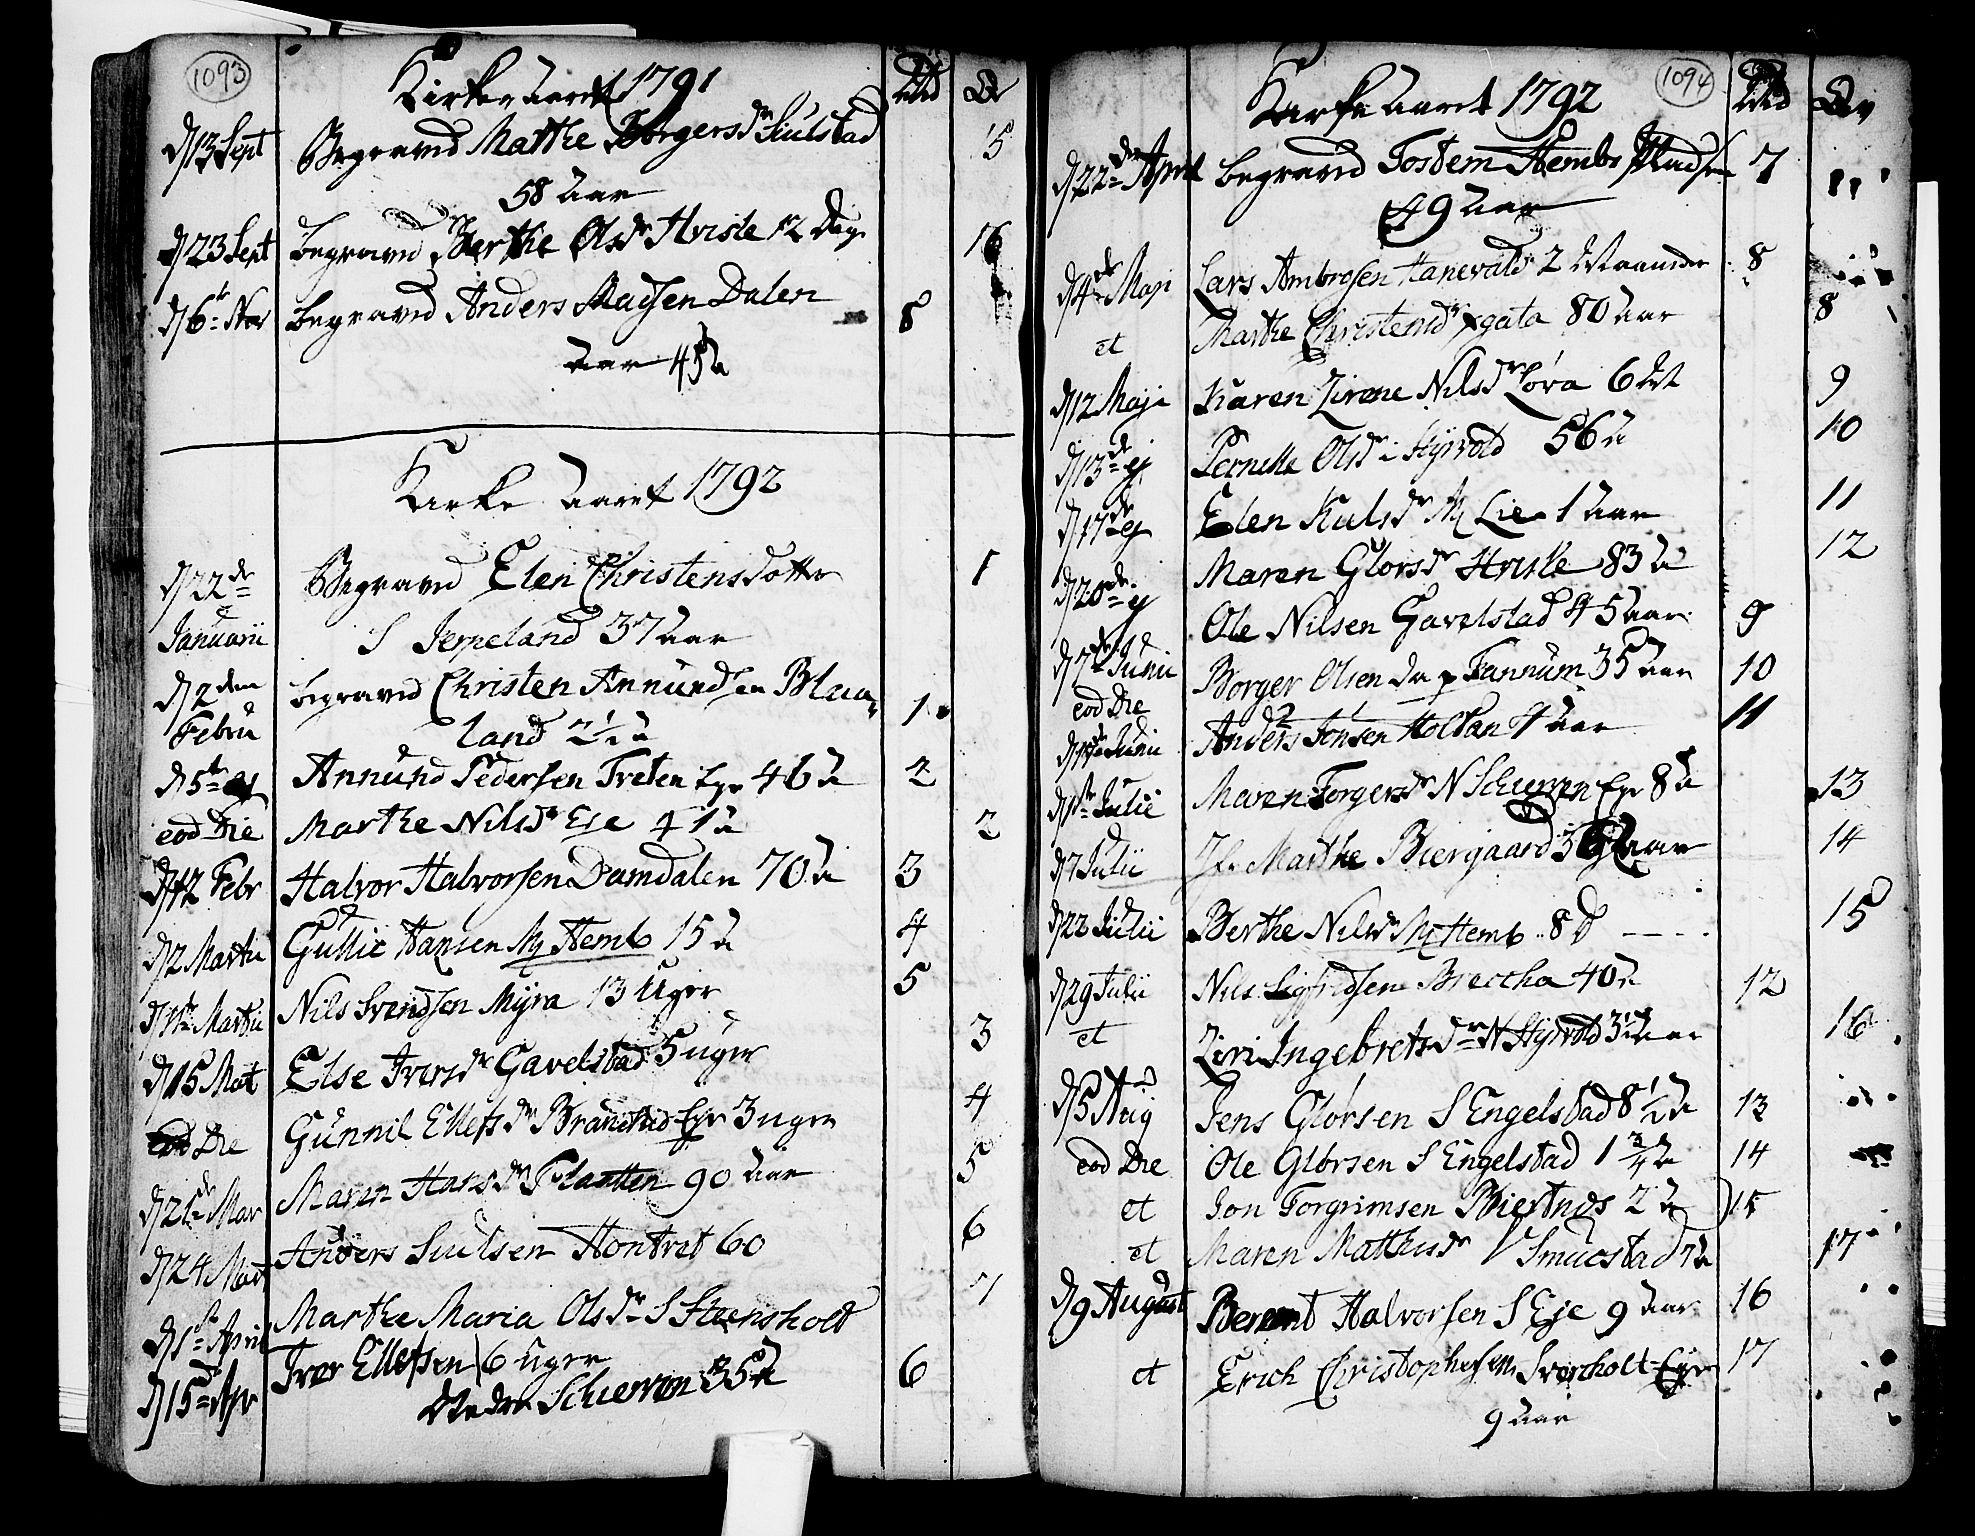 SAKO, Lardal kirkebøker, F/Fa/L0003: Ministerialbok nr. I 3, 1733-1815, s. 1093-1094